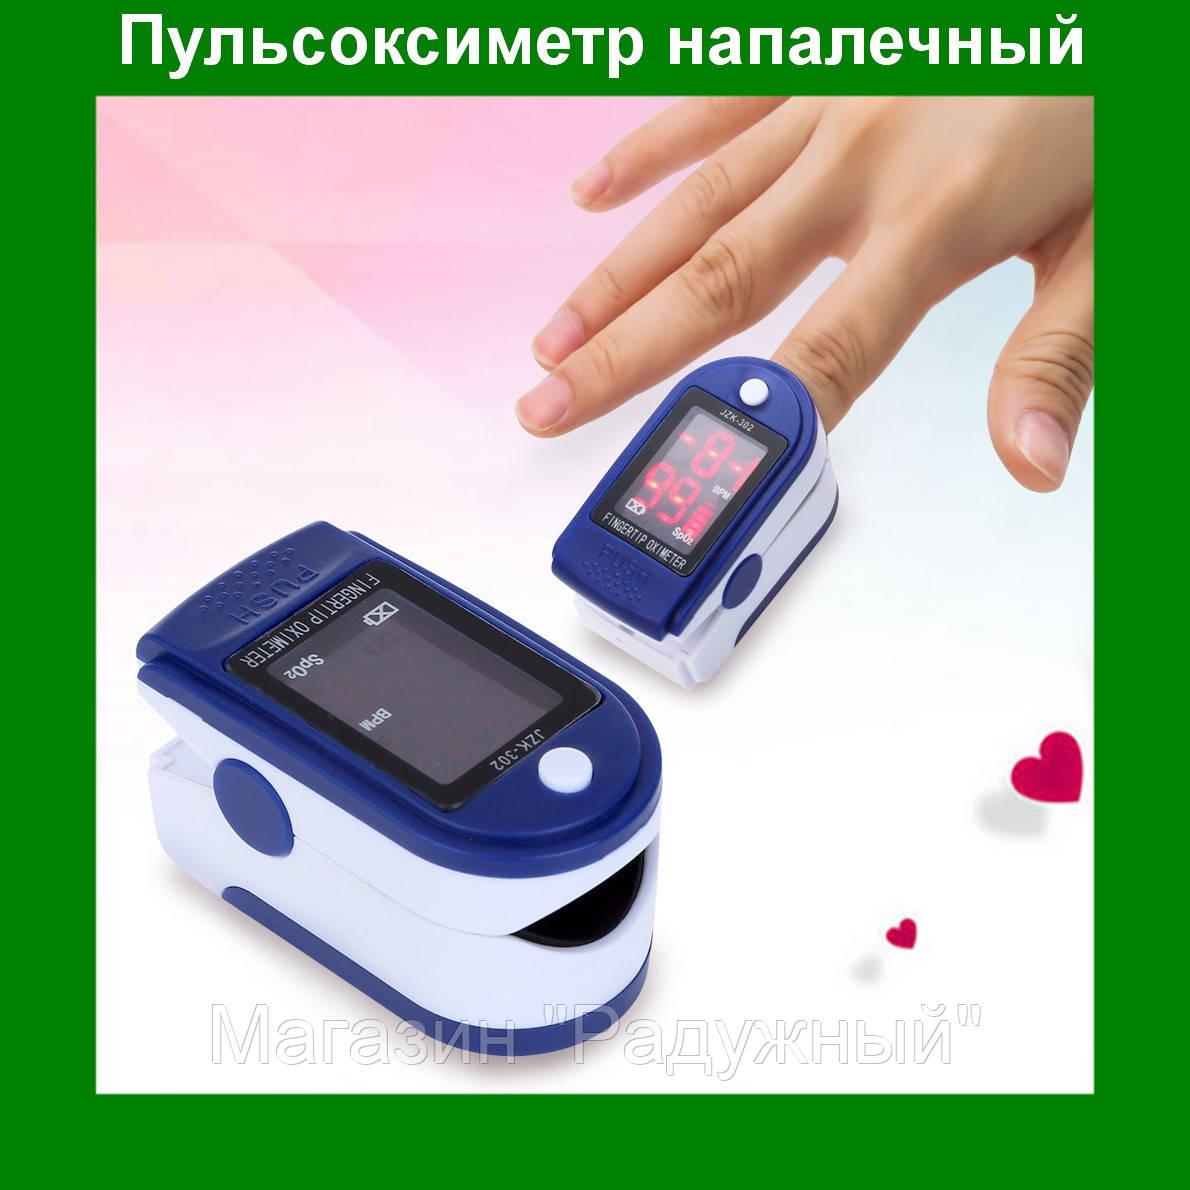 """Пульсоксиметр напалечный Pulse Oximeter JZK-302, прибор для измерения уровня кислорода в крови!Акция - Магазин """"Радужный"""" в Борисполе"""